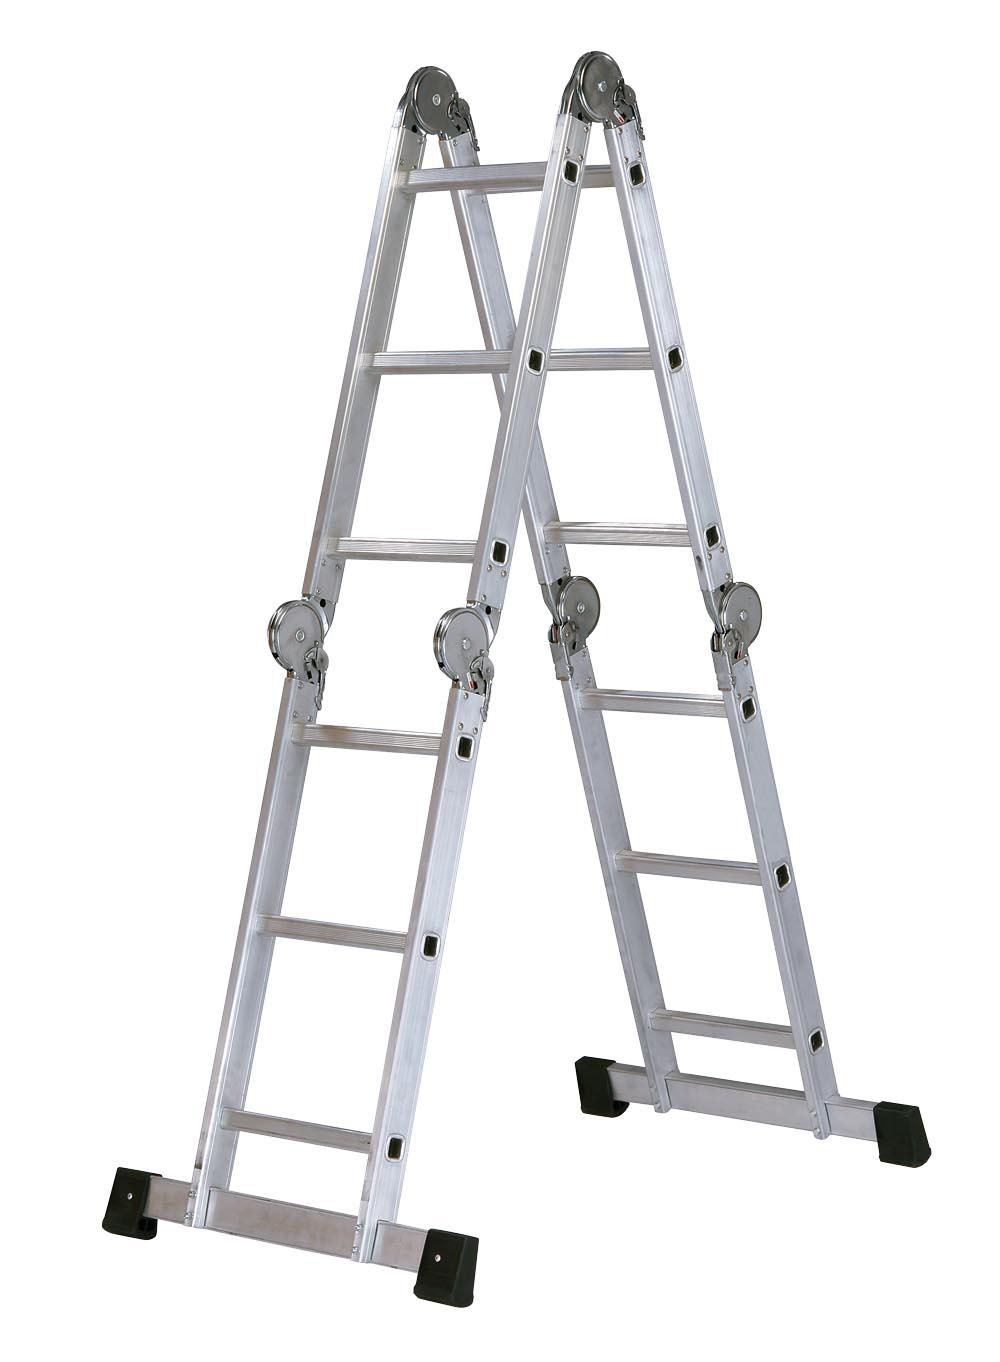 Escalera articulada multiposiciones escalera articulada multiposiciones Escalera articulada multiposiciones 24201033